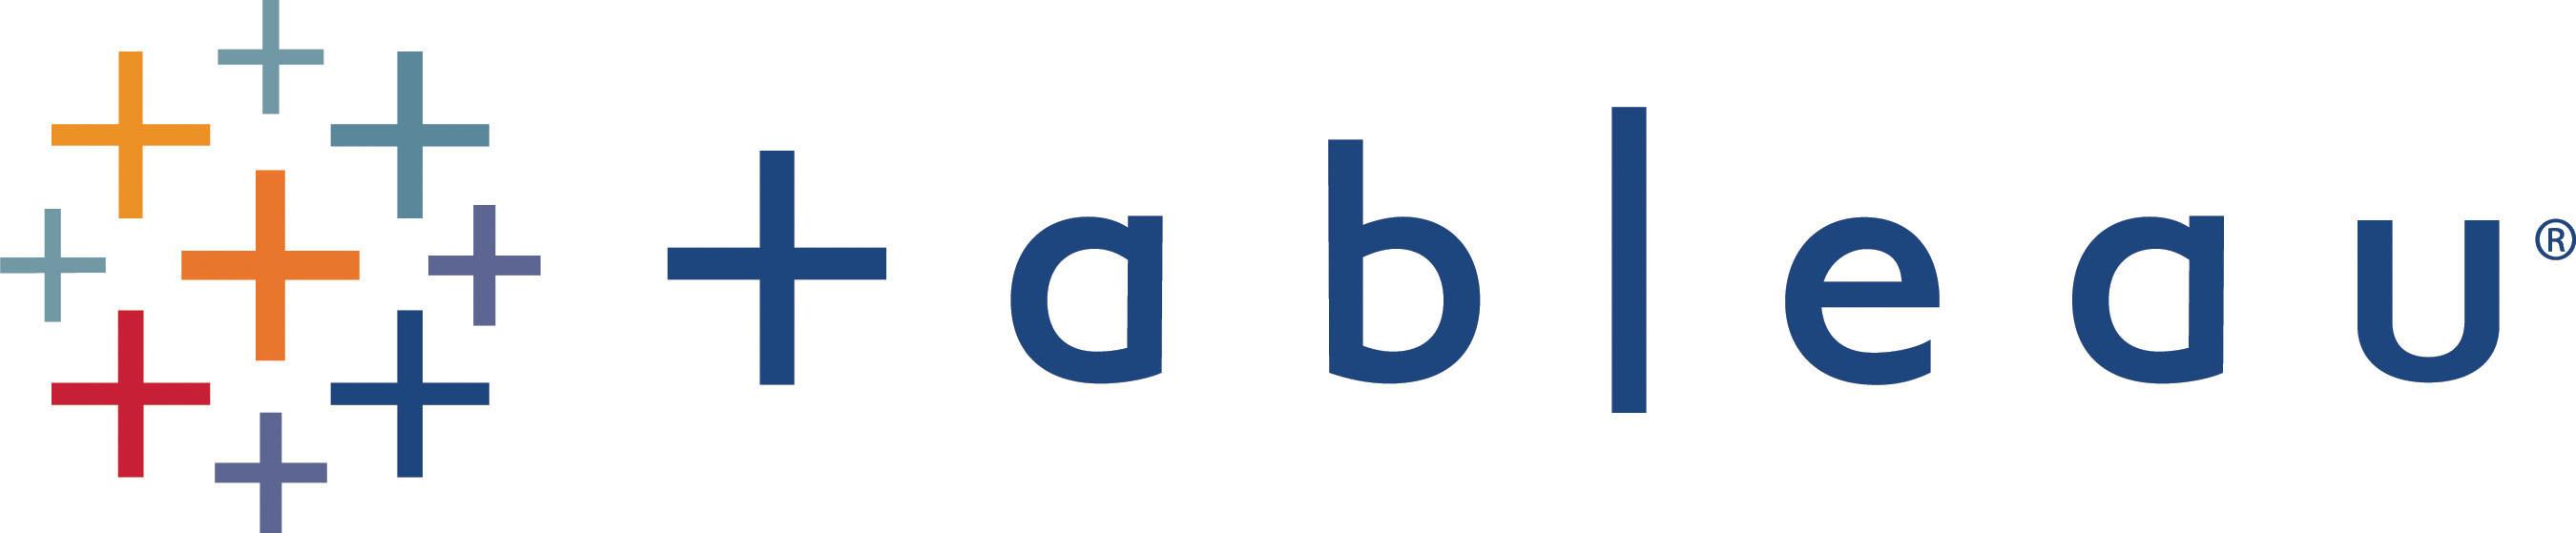 Tableau Software logo www.tableausoftware.com. (PRNewsFoto/Tableau Software) (PRNewsfoto/Tableau Software)